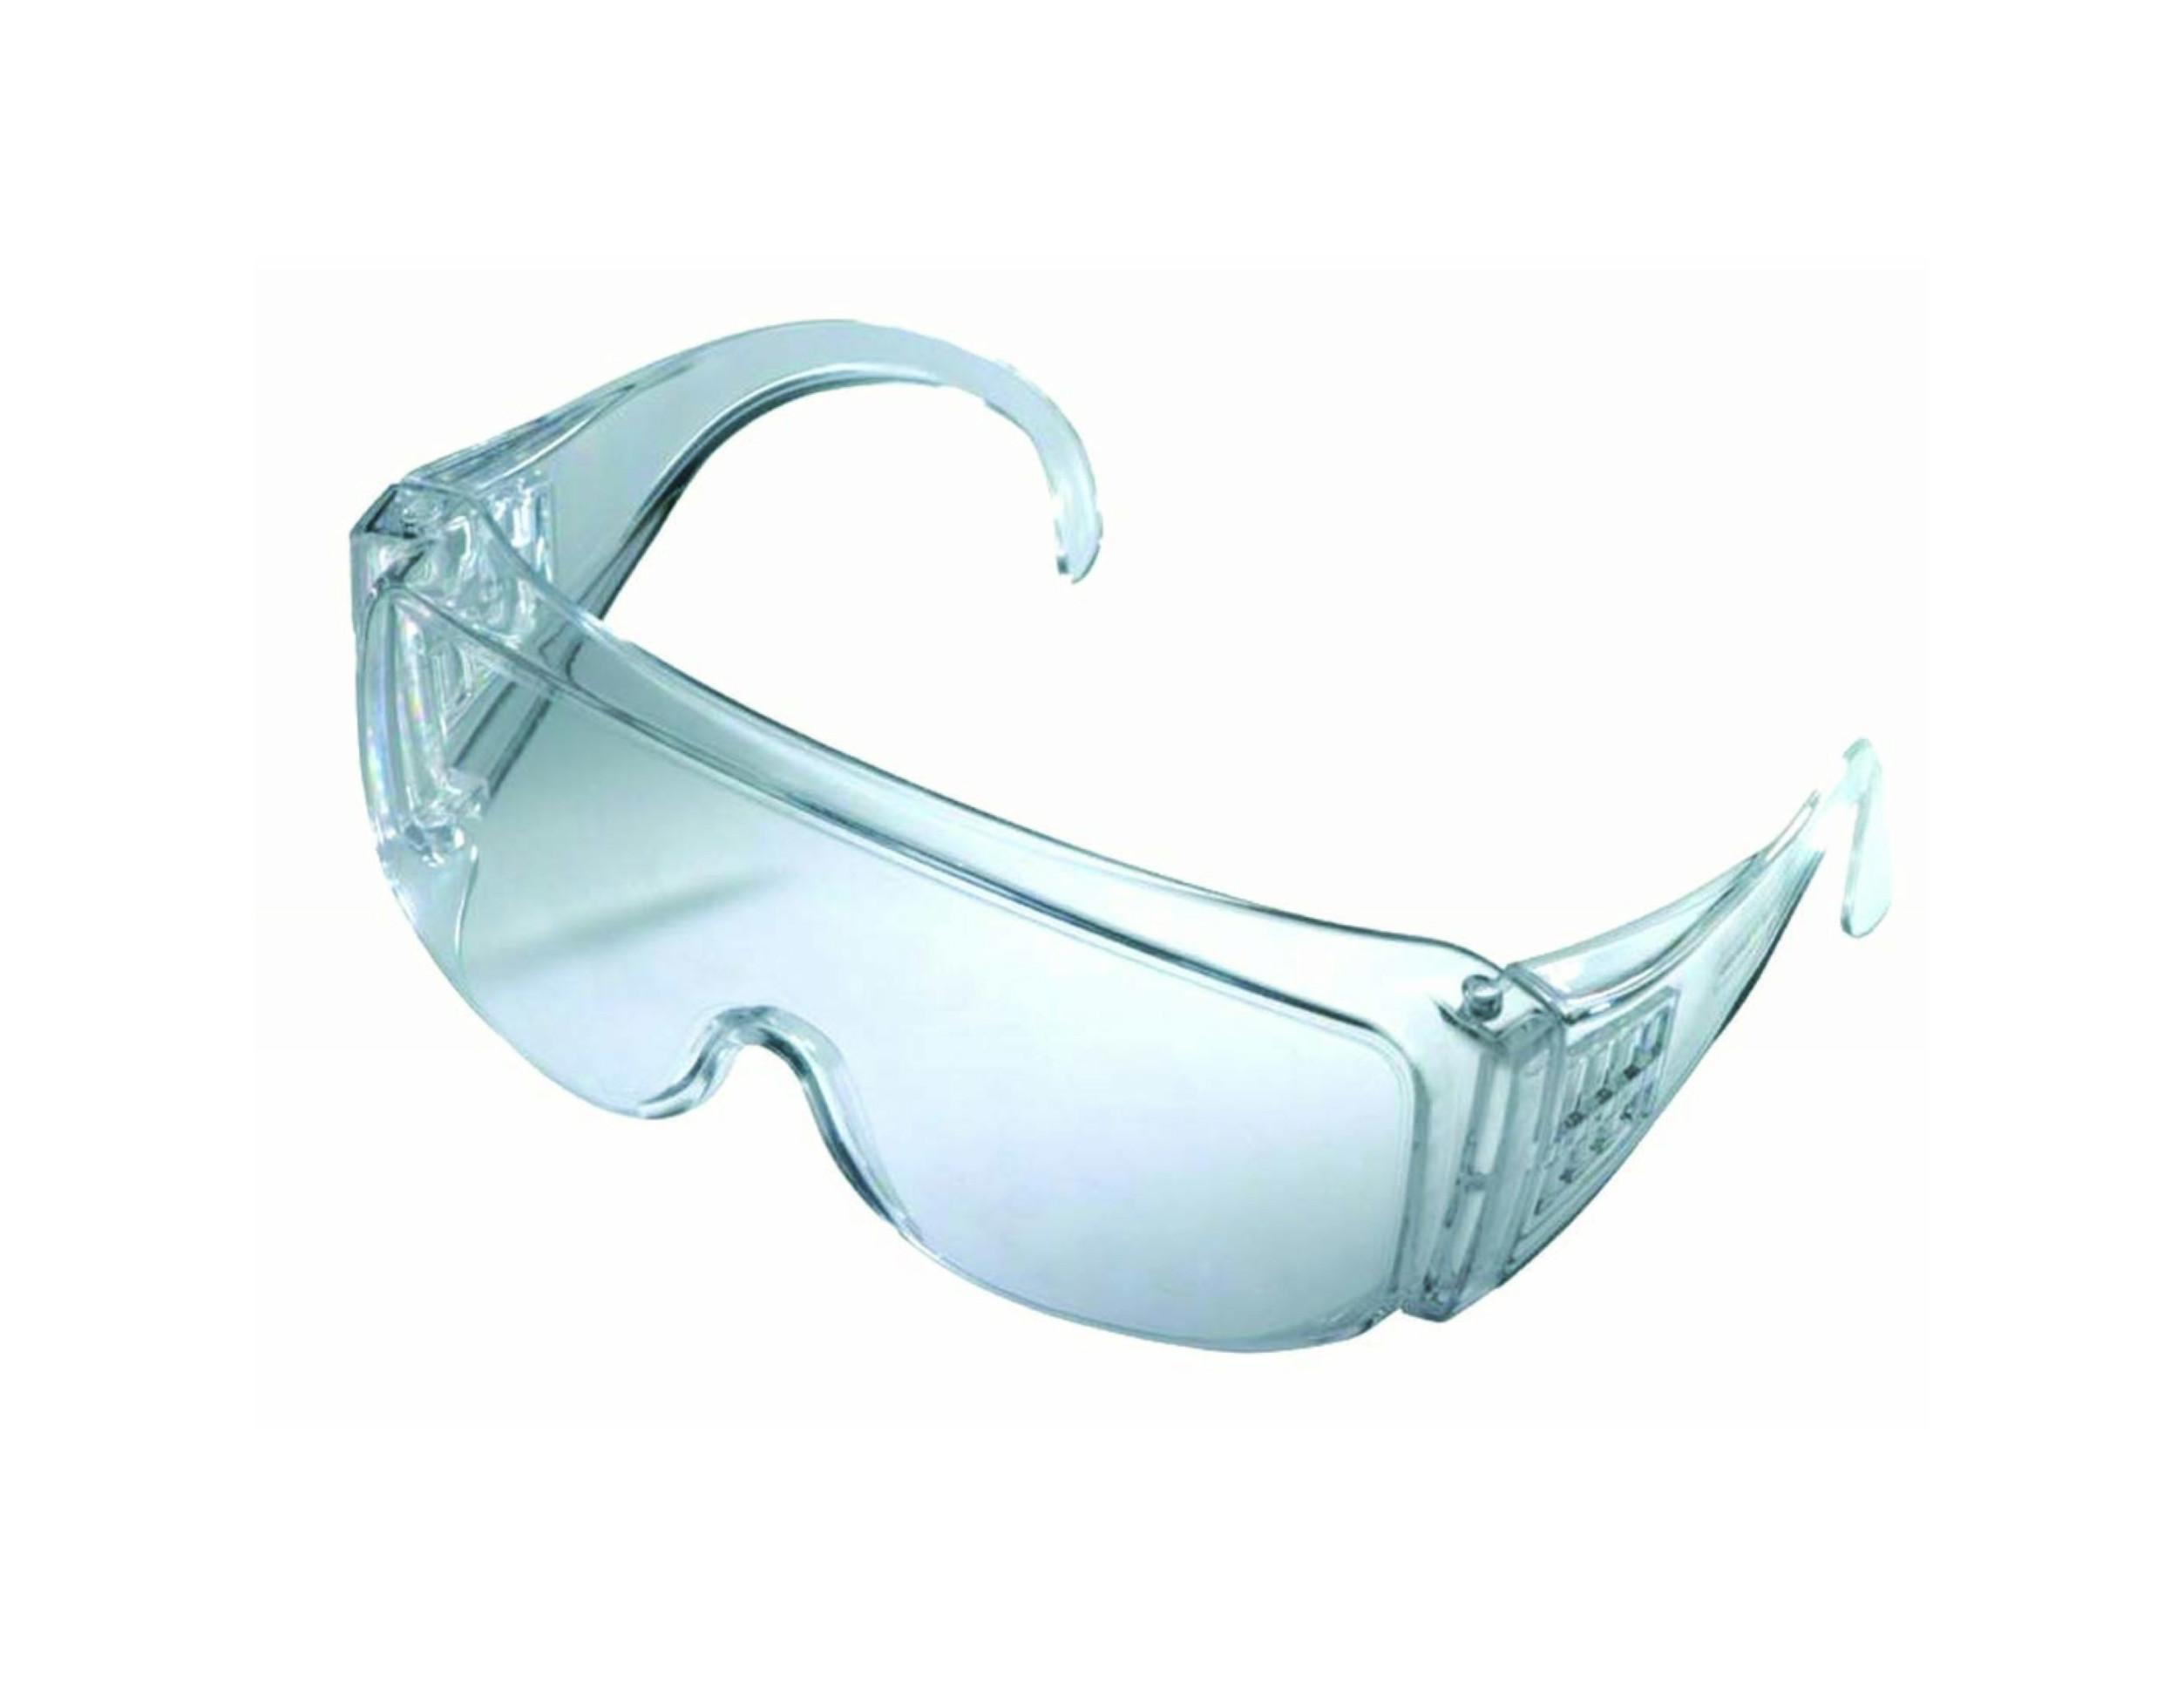 Schutzbrille | Besucherbrille / EN 166 F 2001